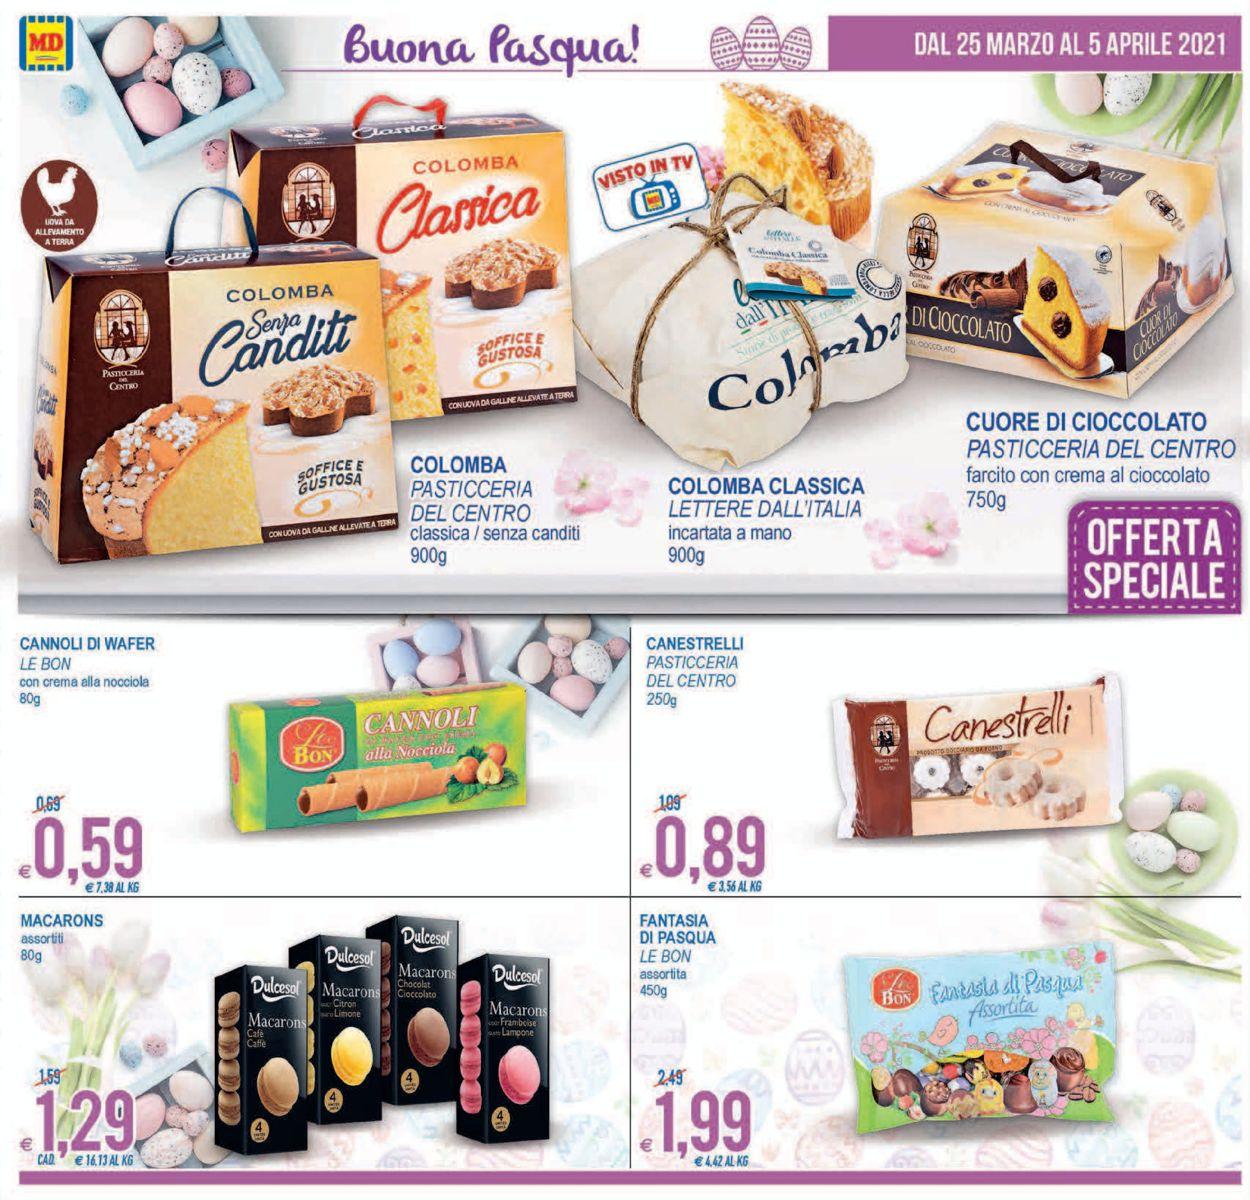 Volantino MD Discount - Pasqua 2021! - Offerte 25/03-05/04/2021 (Pagina 6)